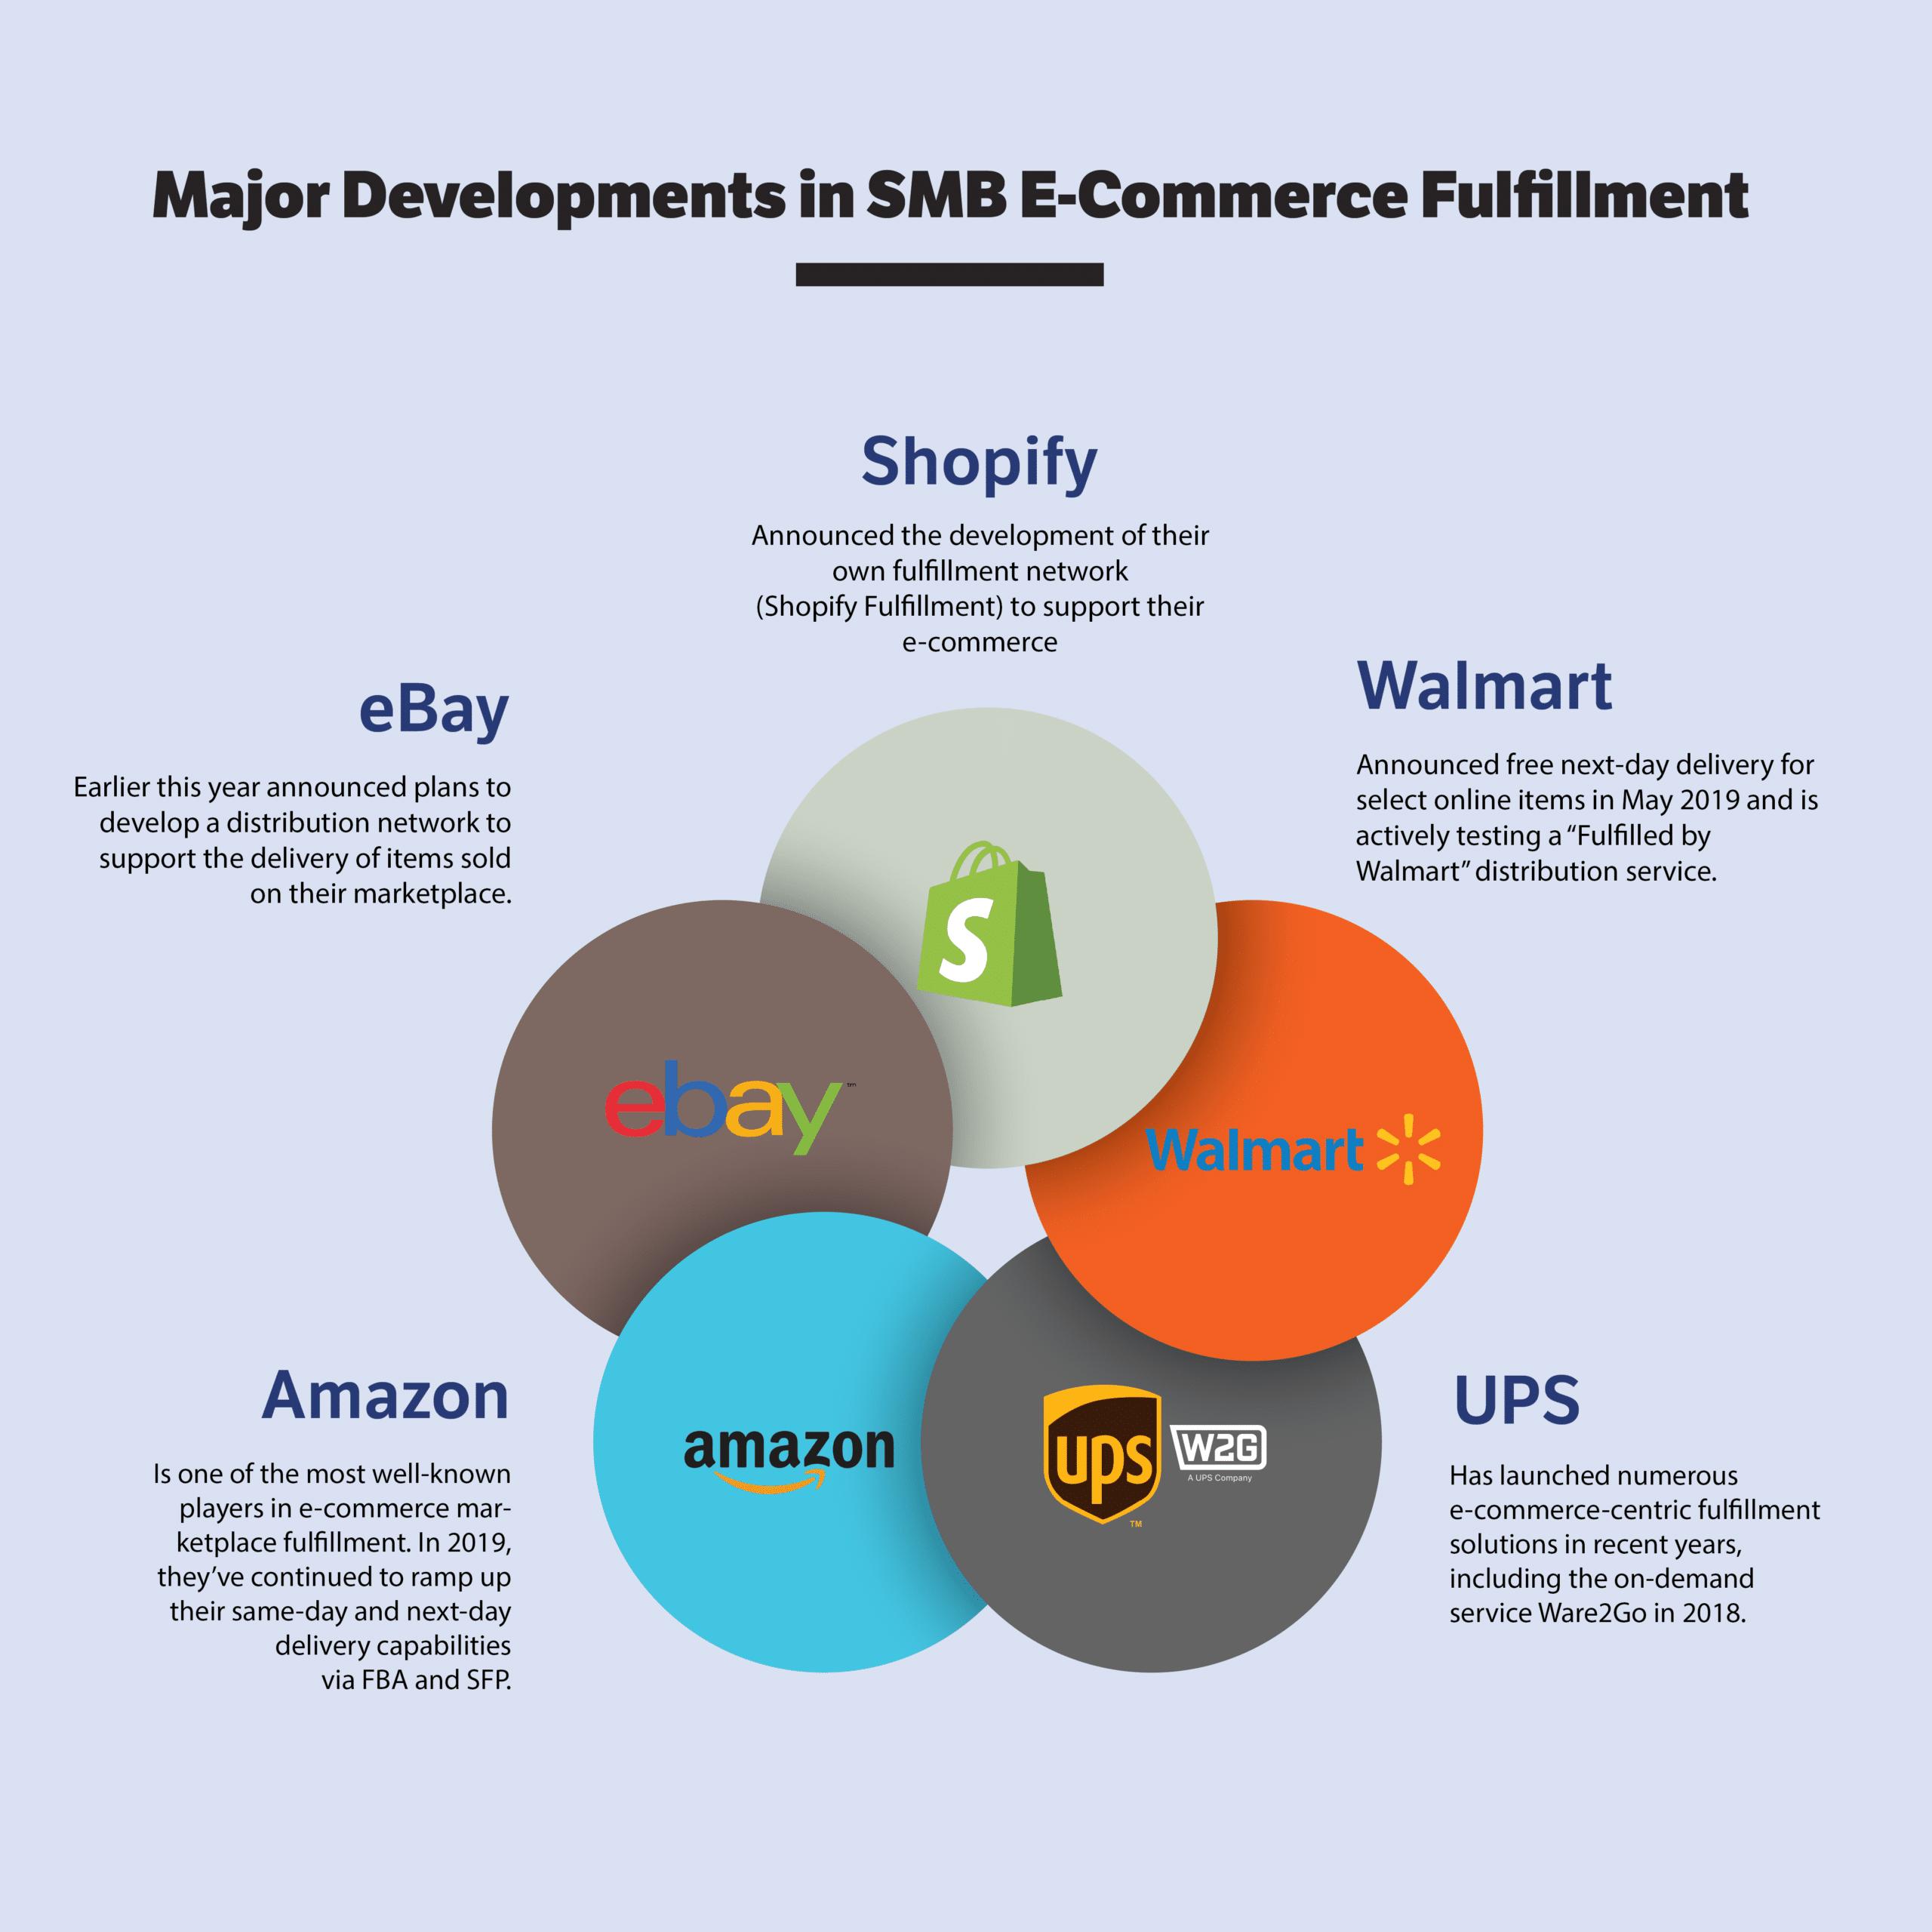 Major 2018-2019 developments in e-commerce fulfillment